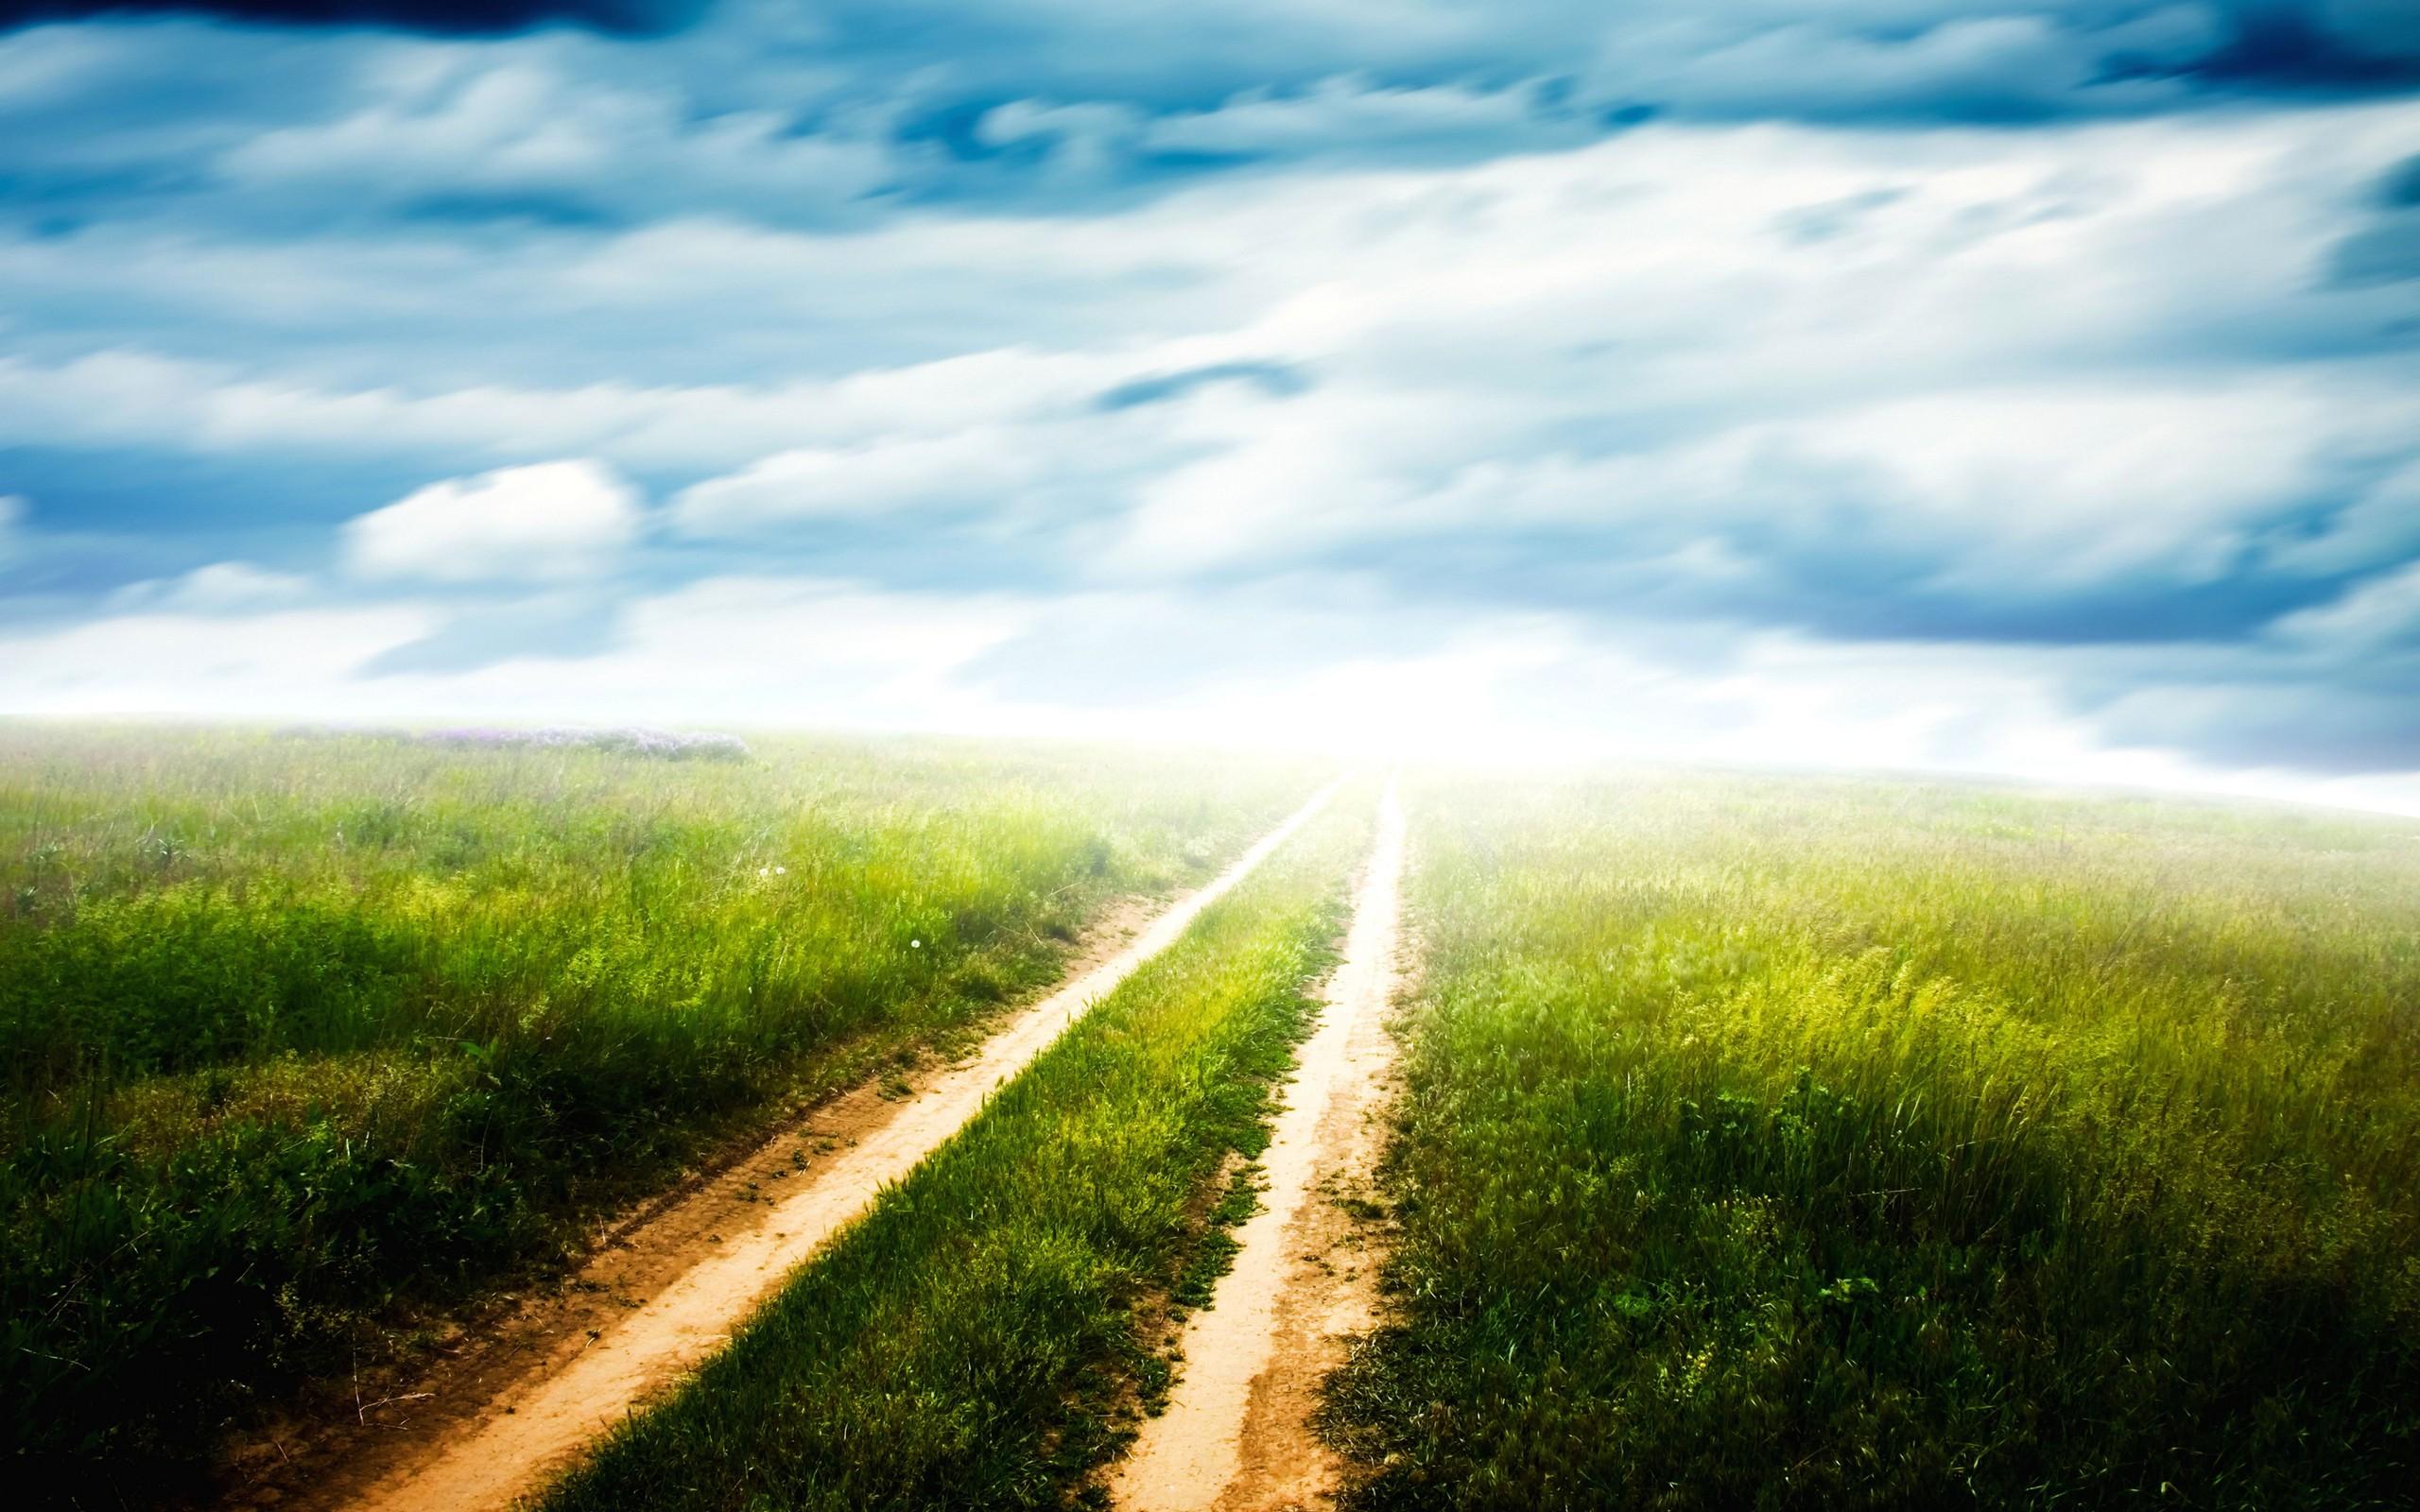 солнечный путь картинки вещи принесут